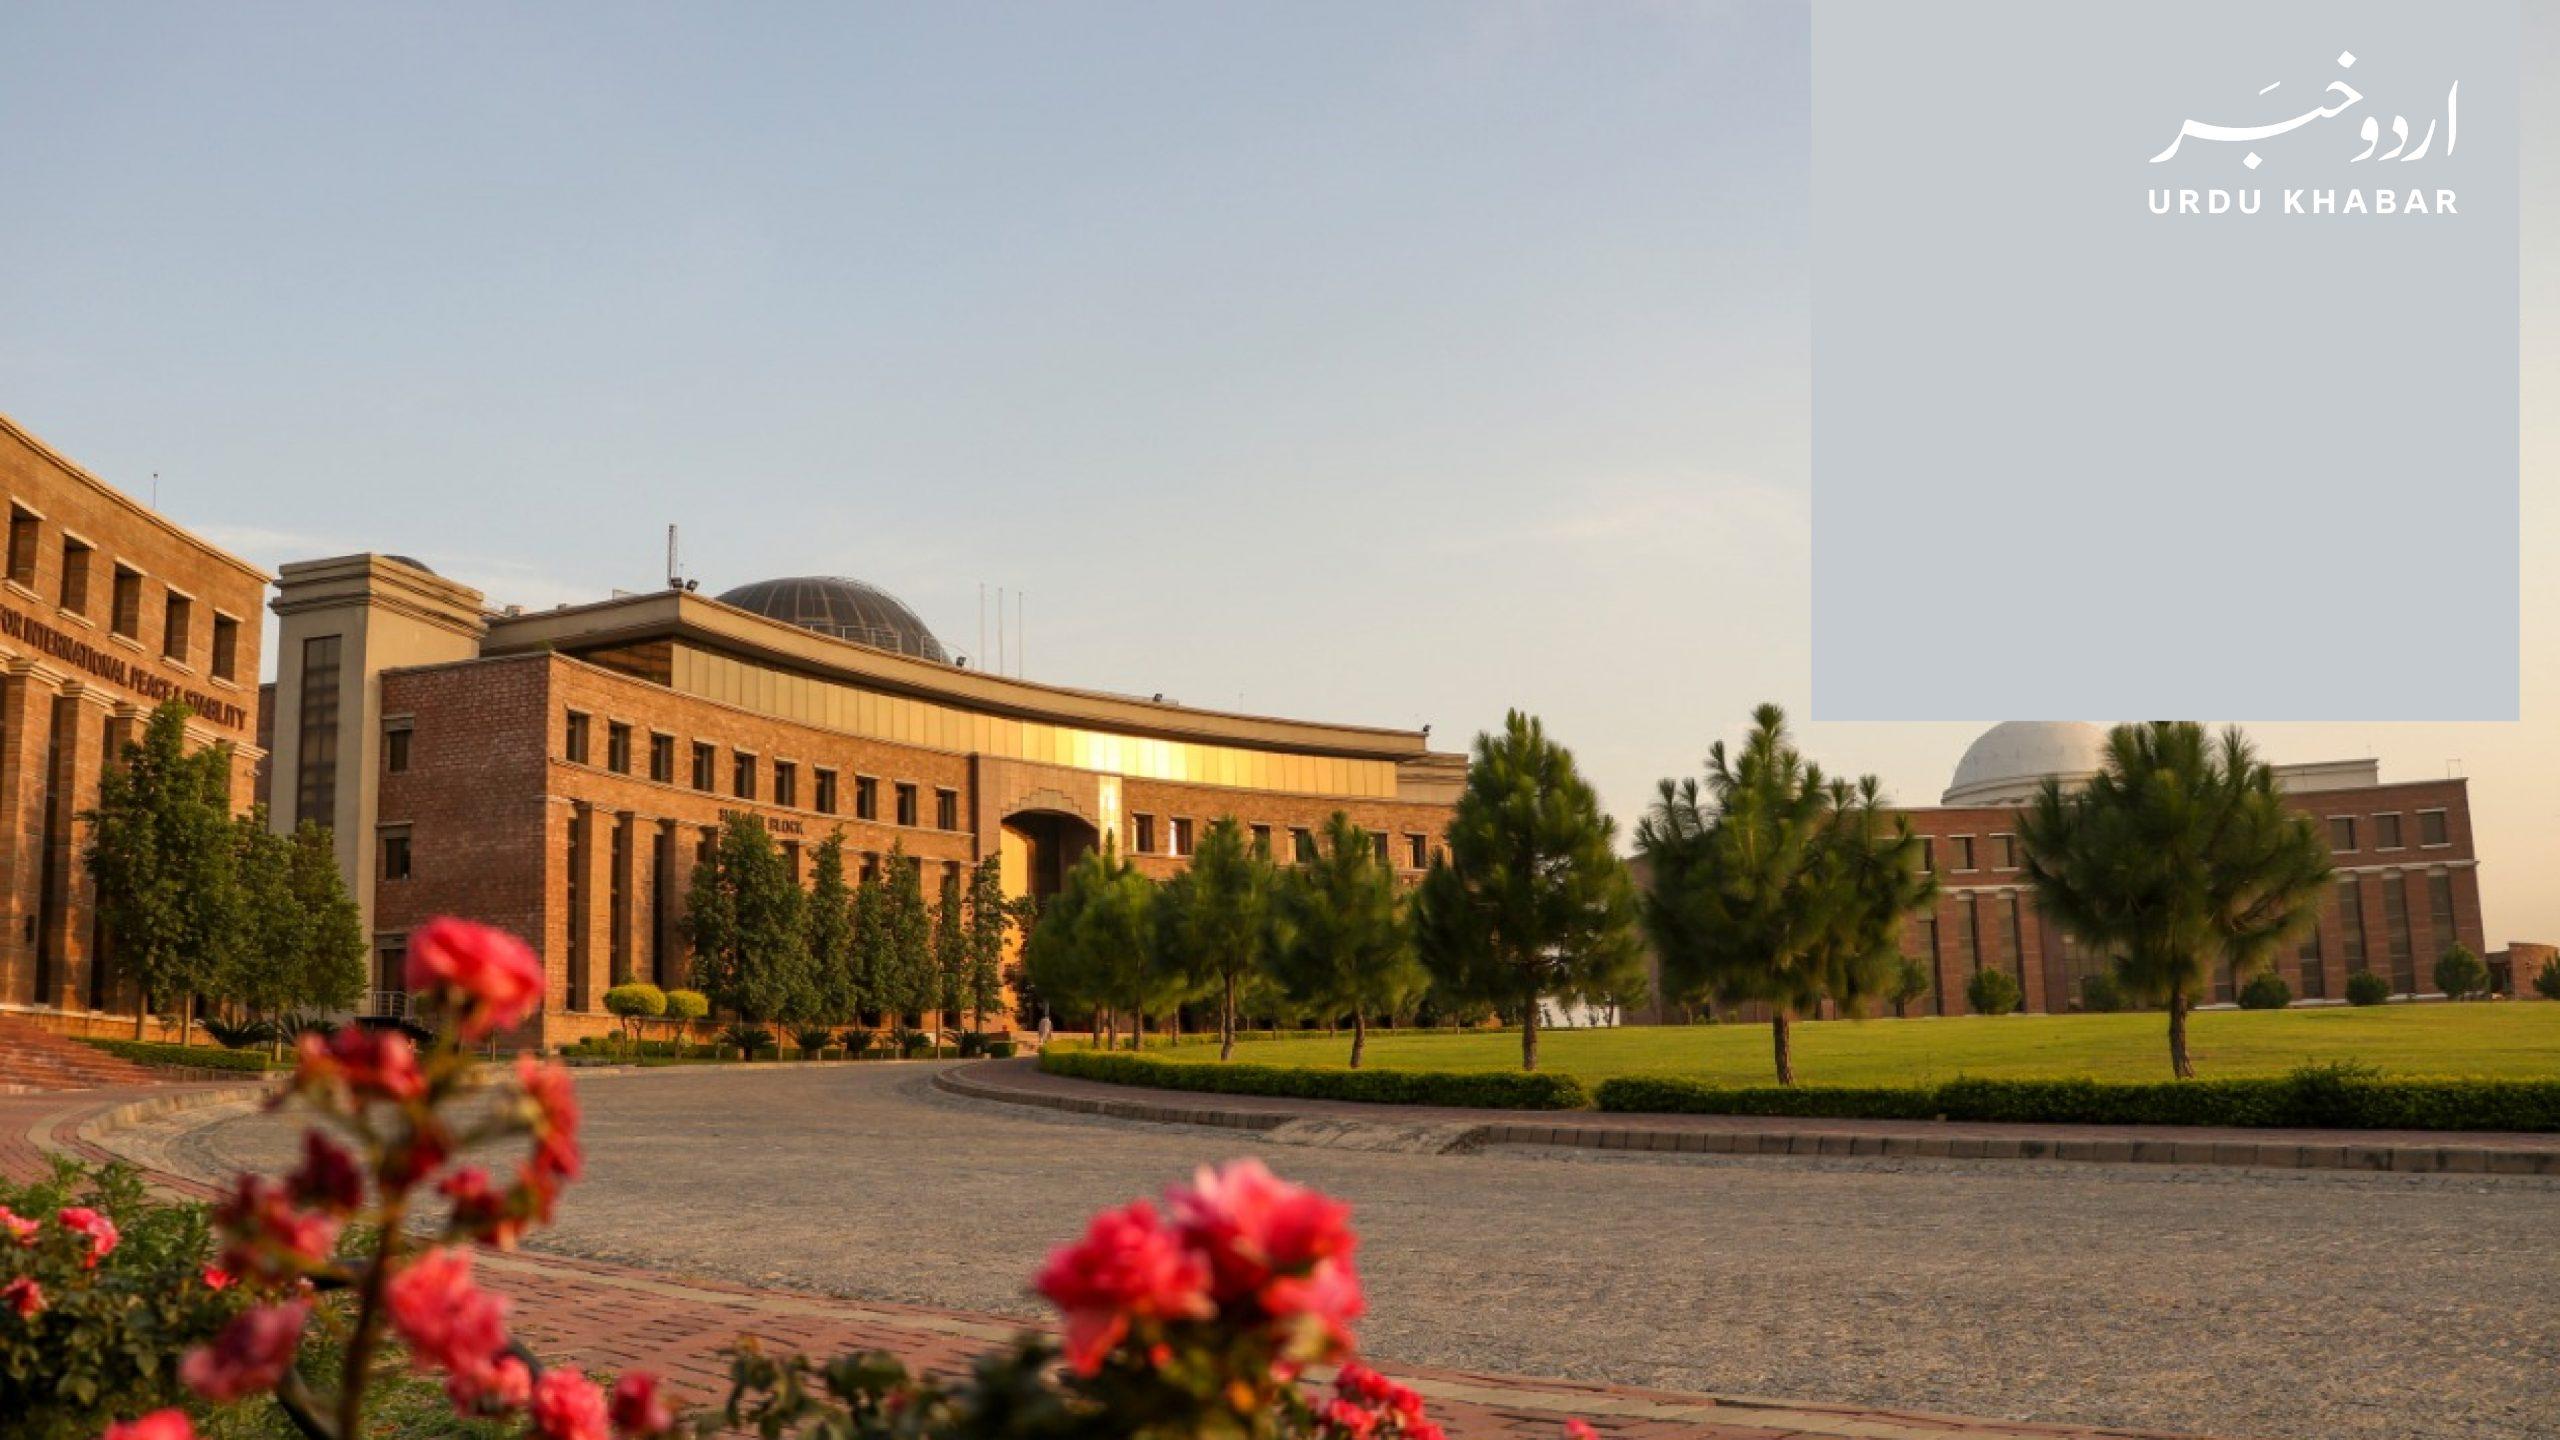 ایشیا کی سرفہرست ایک سو یونیورسٹیوں میں صرف ایک پاکستانی یونیورسٹی شامل